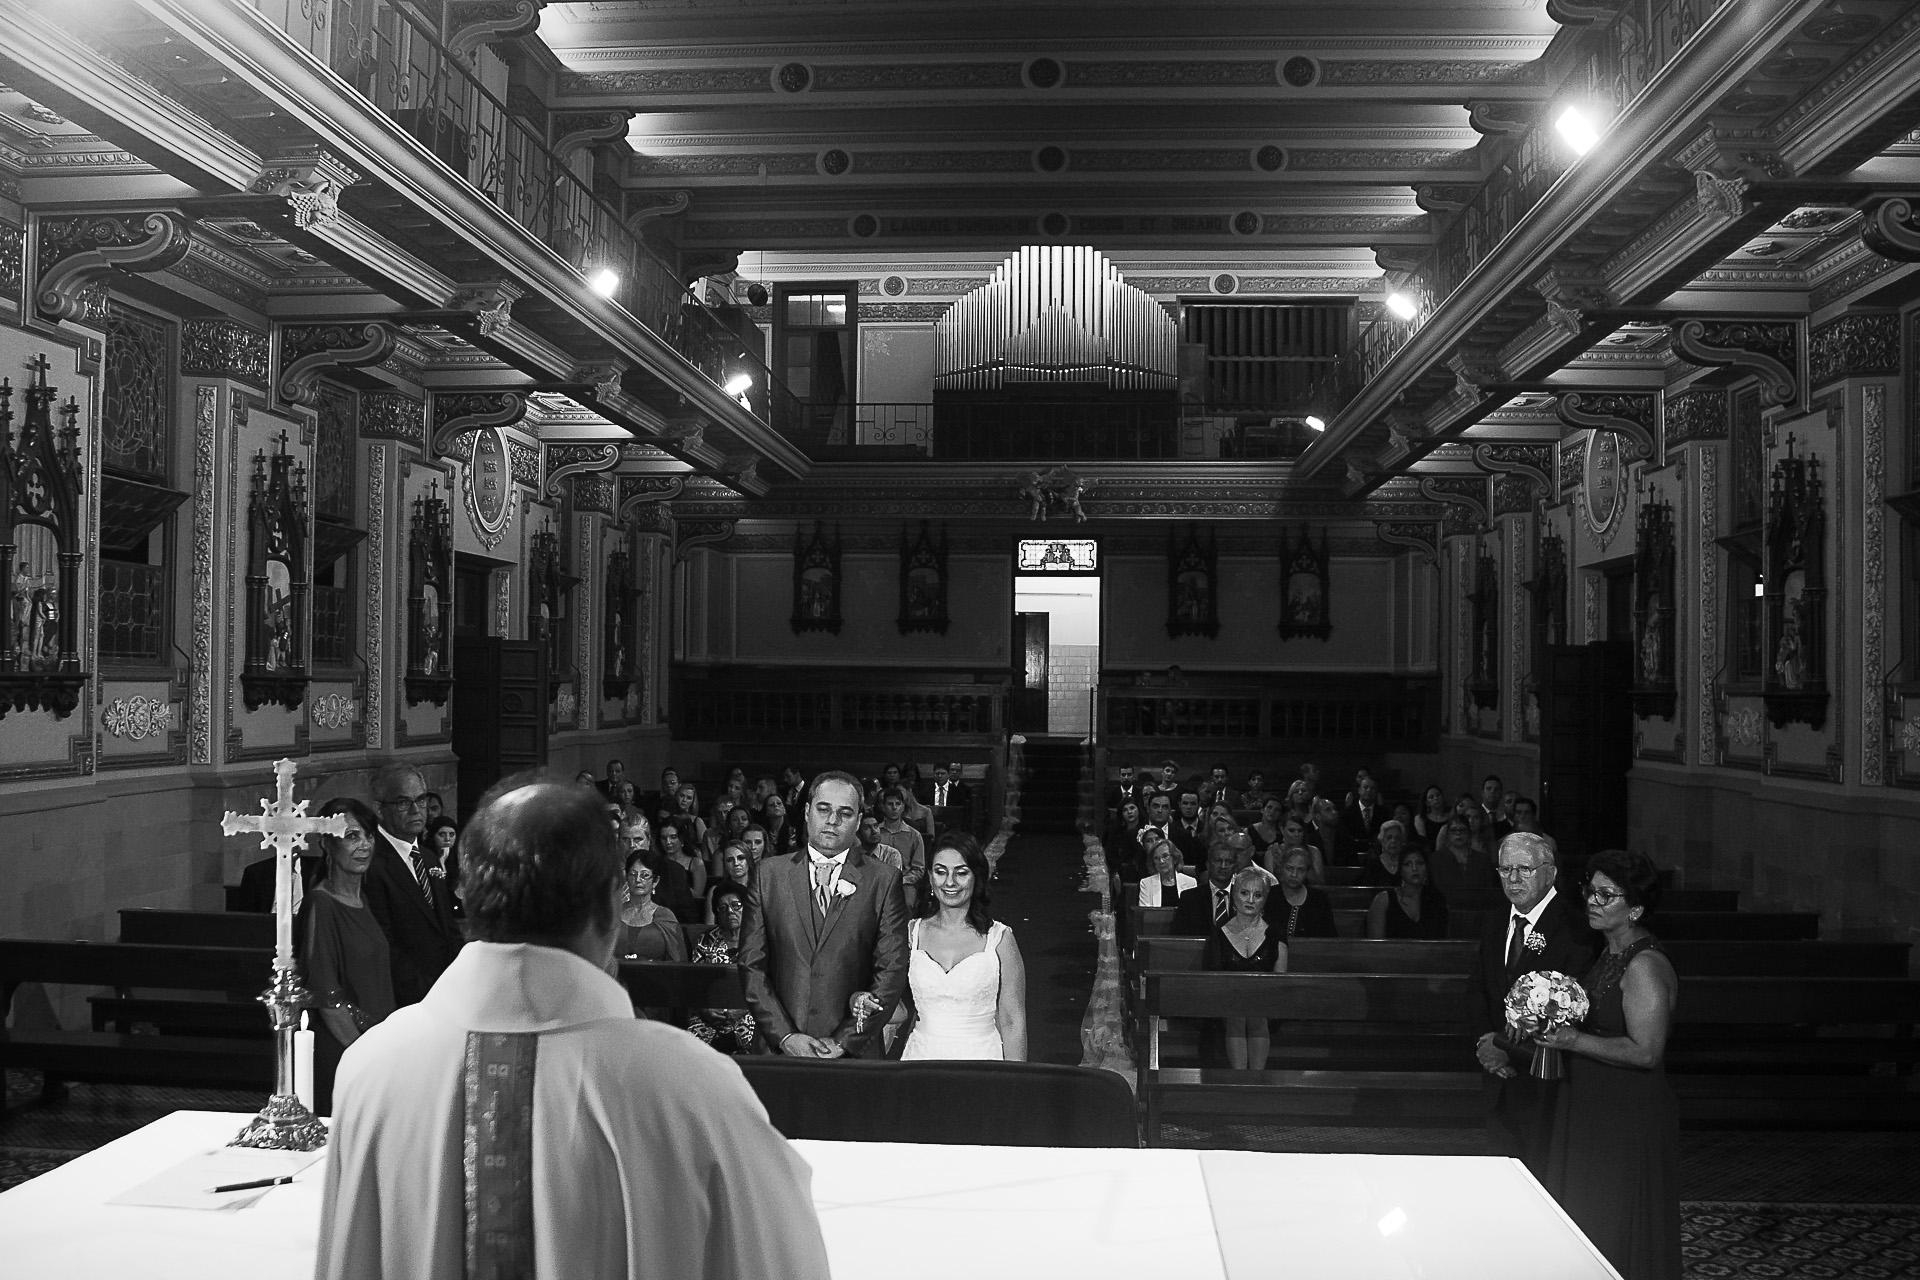 fotografo de casamento-37